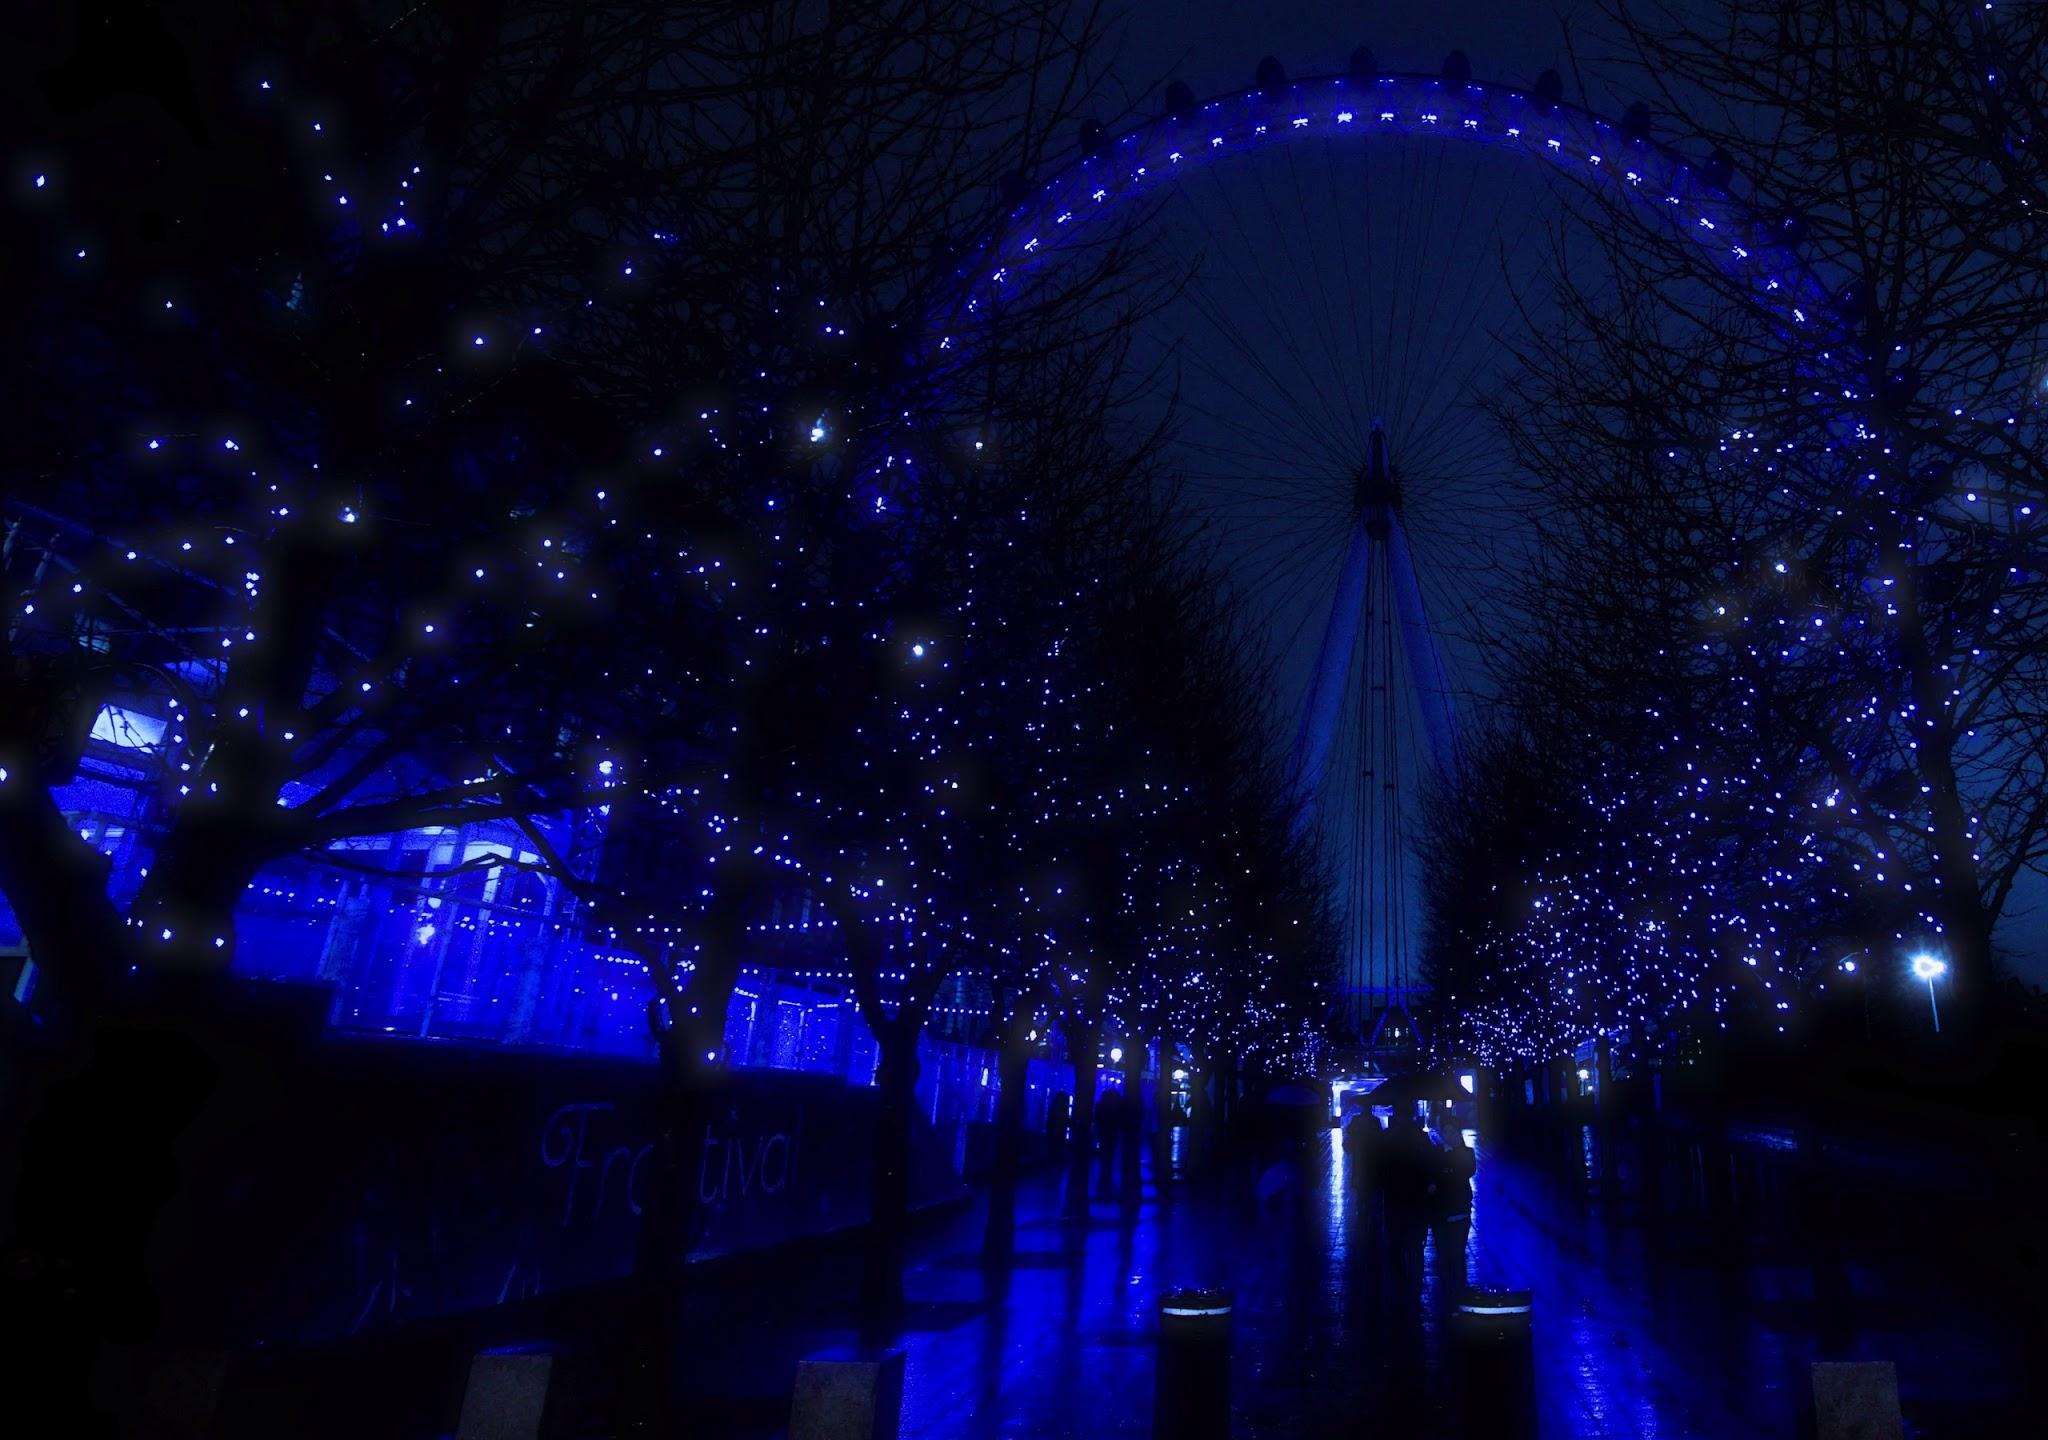 美しい夜景の壁紙まとめ 高画質2560px Idea Web Tools 自動車と